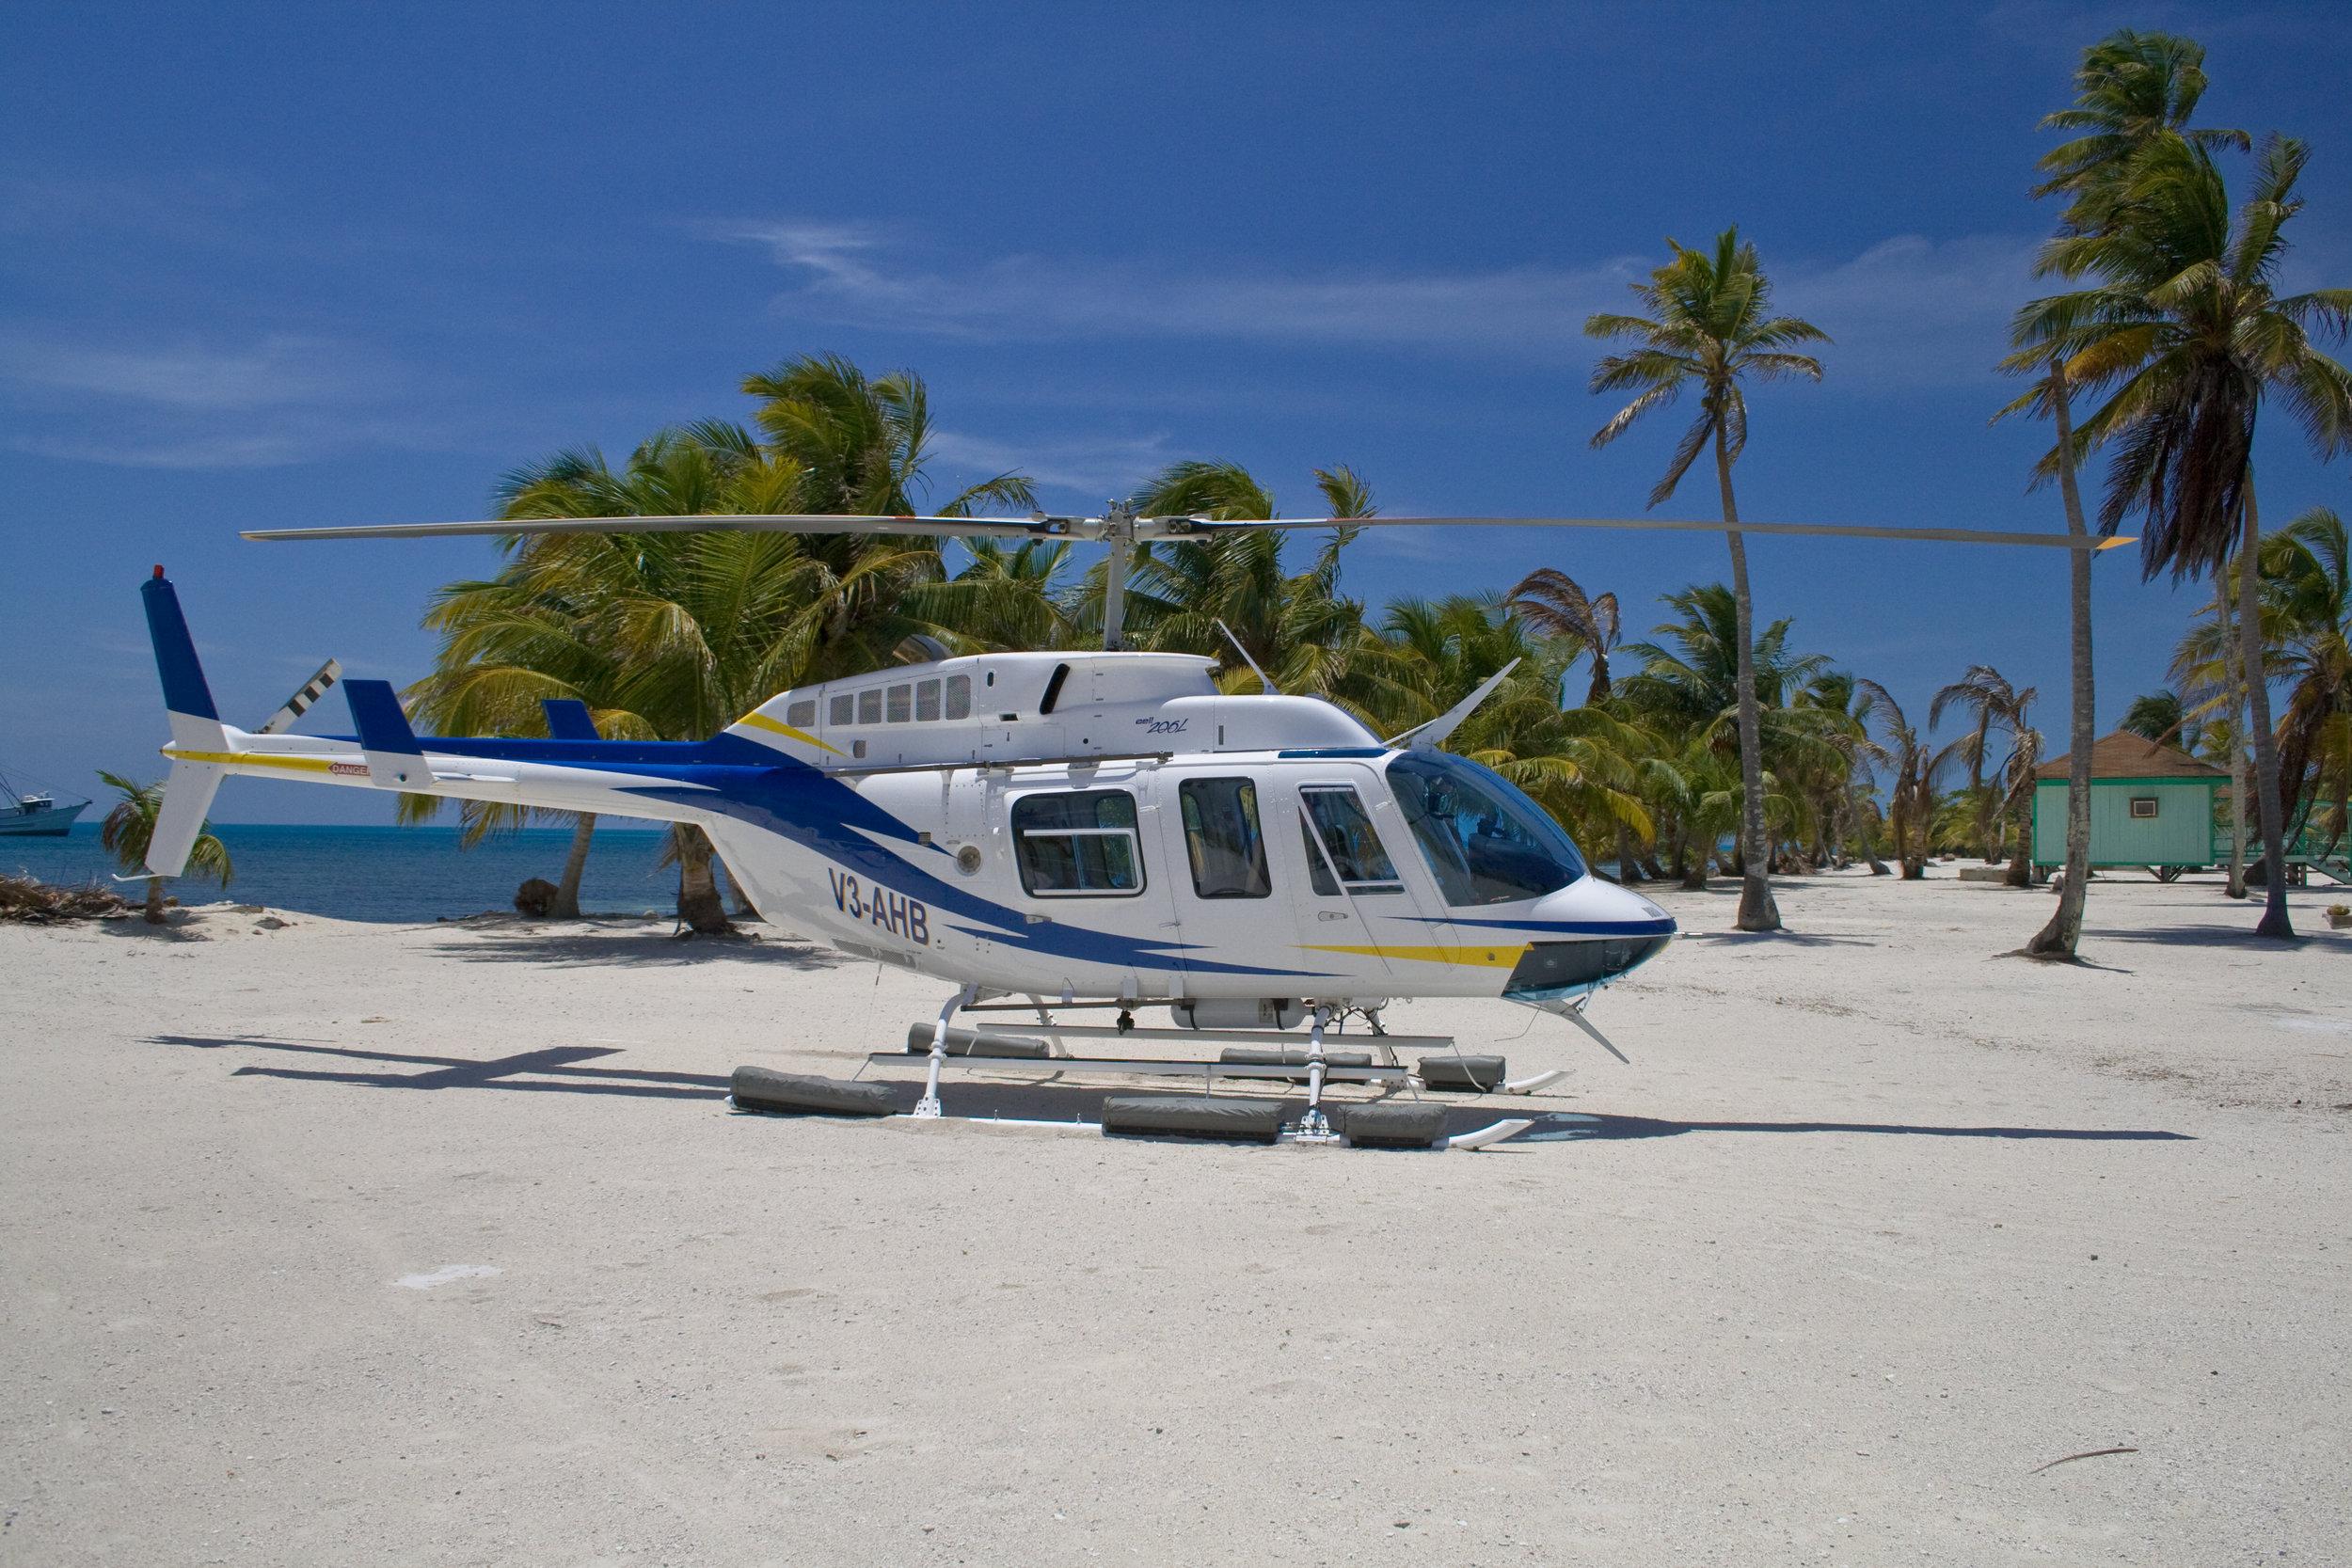 Astrum_Helicopter 206 Long Ranger_299.jpg